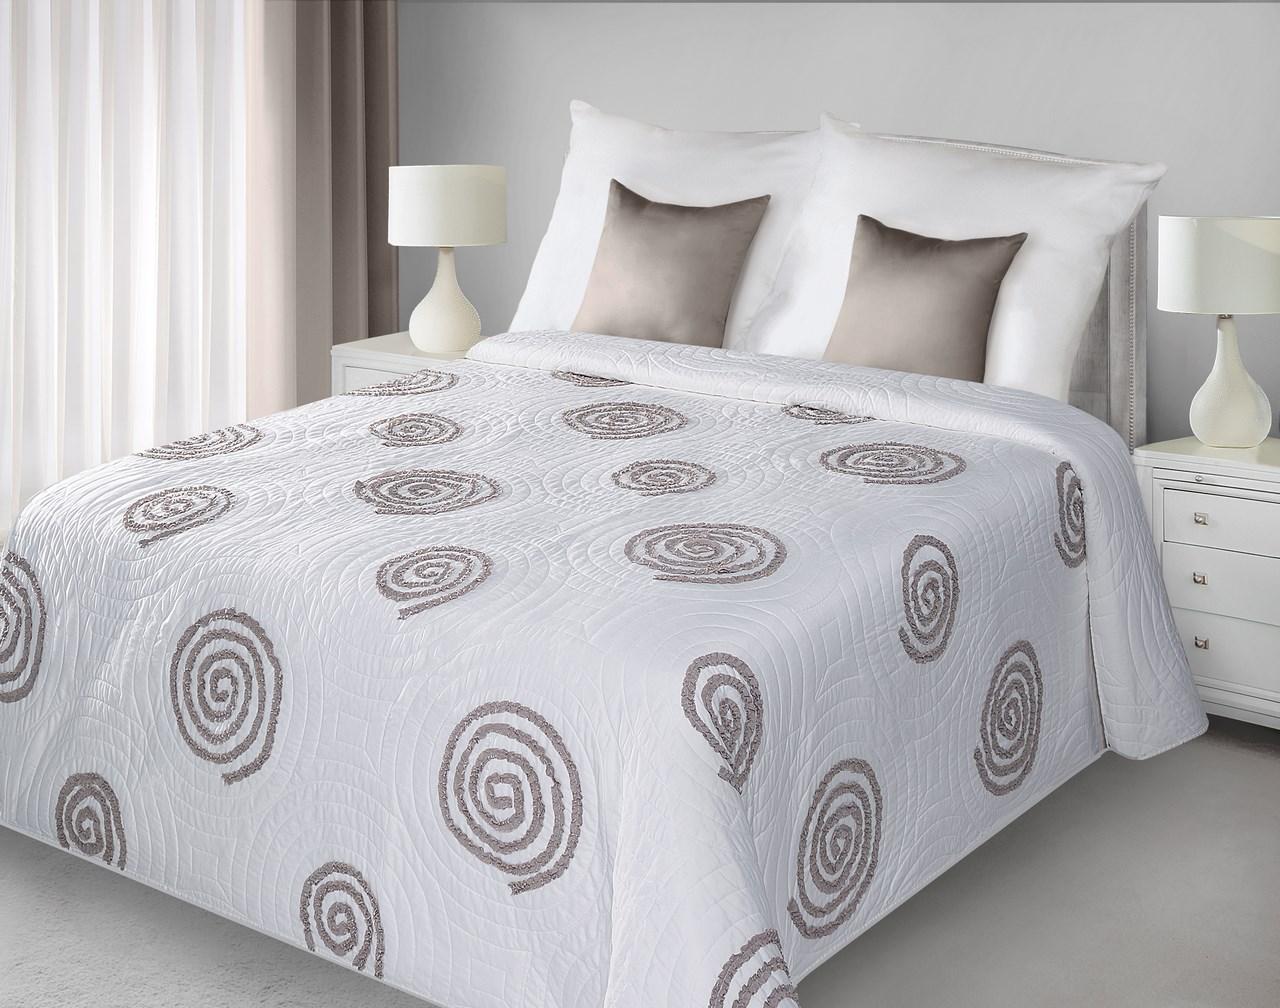 Prehoz na posteľ 240x220 cm - Eurofirany - Opi (biela + béžová). Akcia -21%. Sme autorizovaný predajca Eurofirany. Vlastná spoľahlivá doprava až k Vám domov.